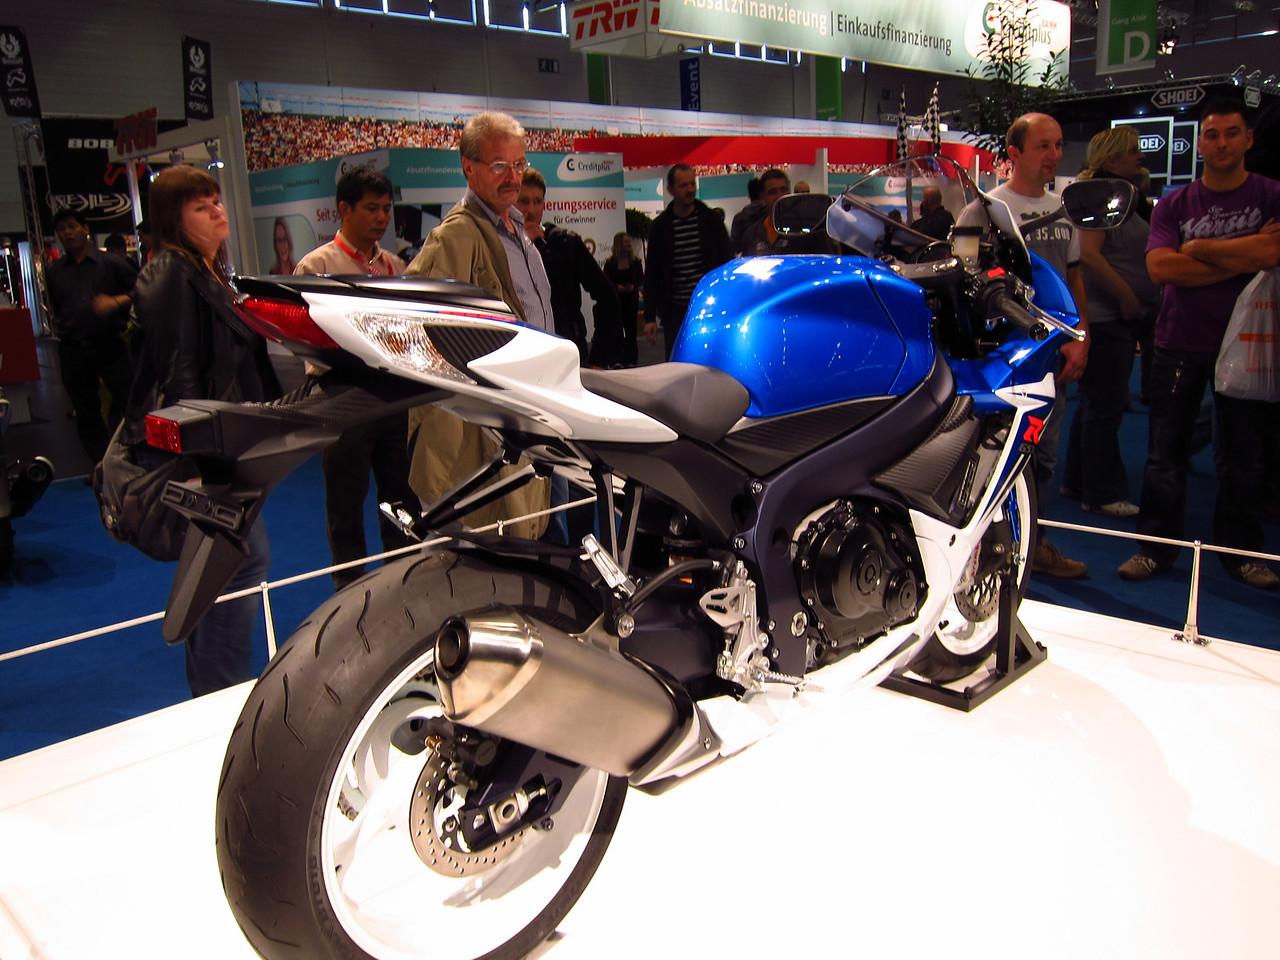 2011 SUZUKI GSX-R - Σελίδα 3 1041864983_bnSp3-X2